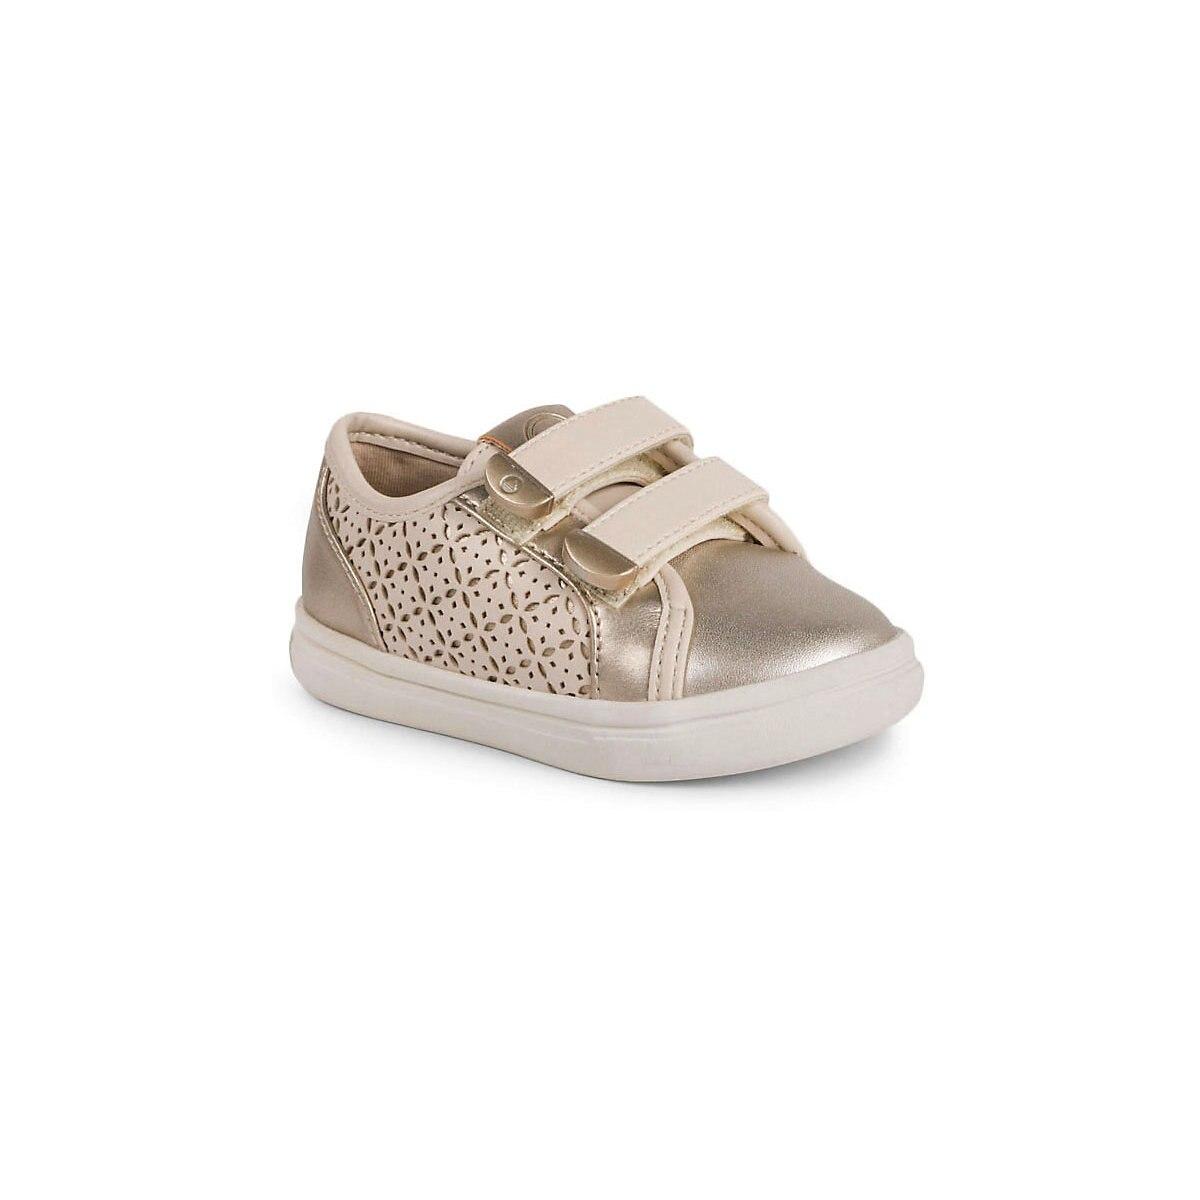 MAYORAL niños zapatos casuales 10642690 zapatillas Zapatillas para correr para niños amarillo deporte chicas PU